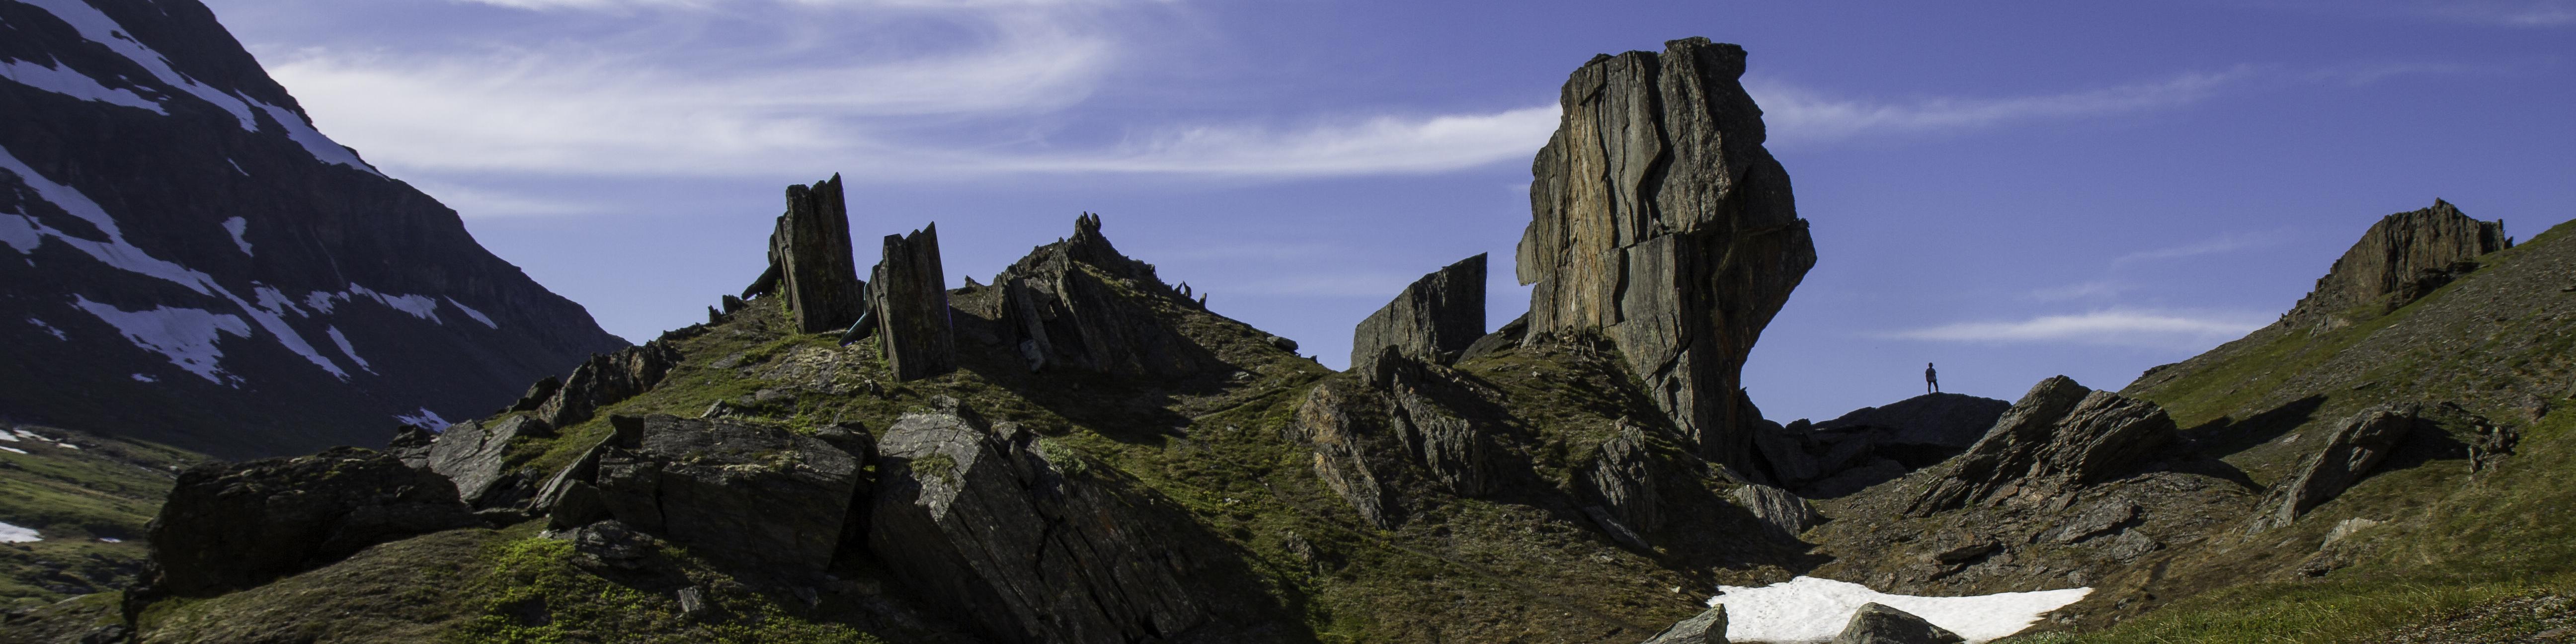 karkevagge-boulder-hiker-swedish-lapland